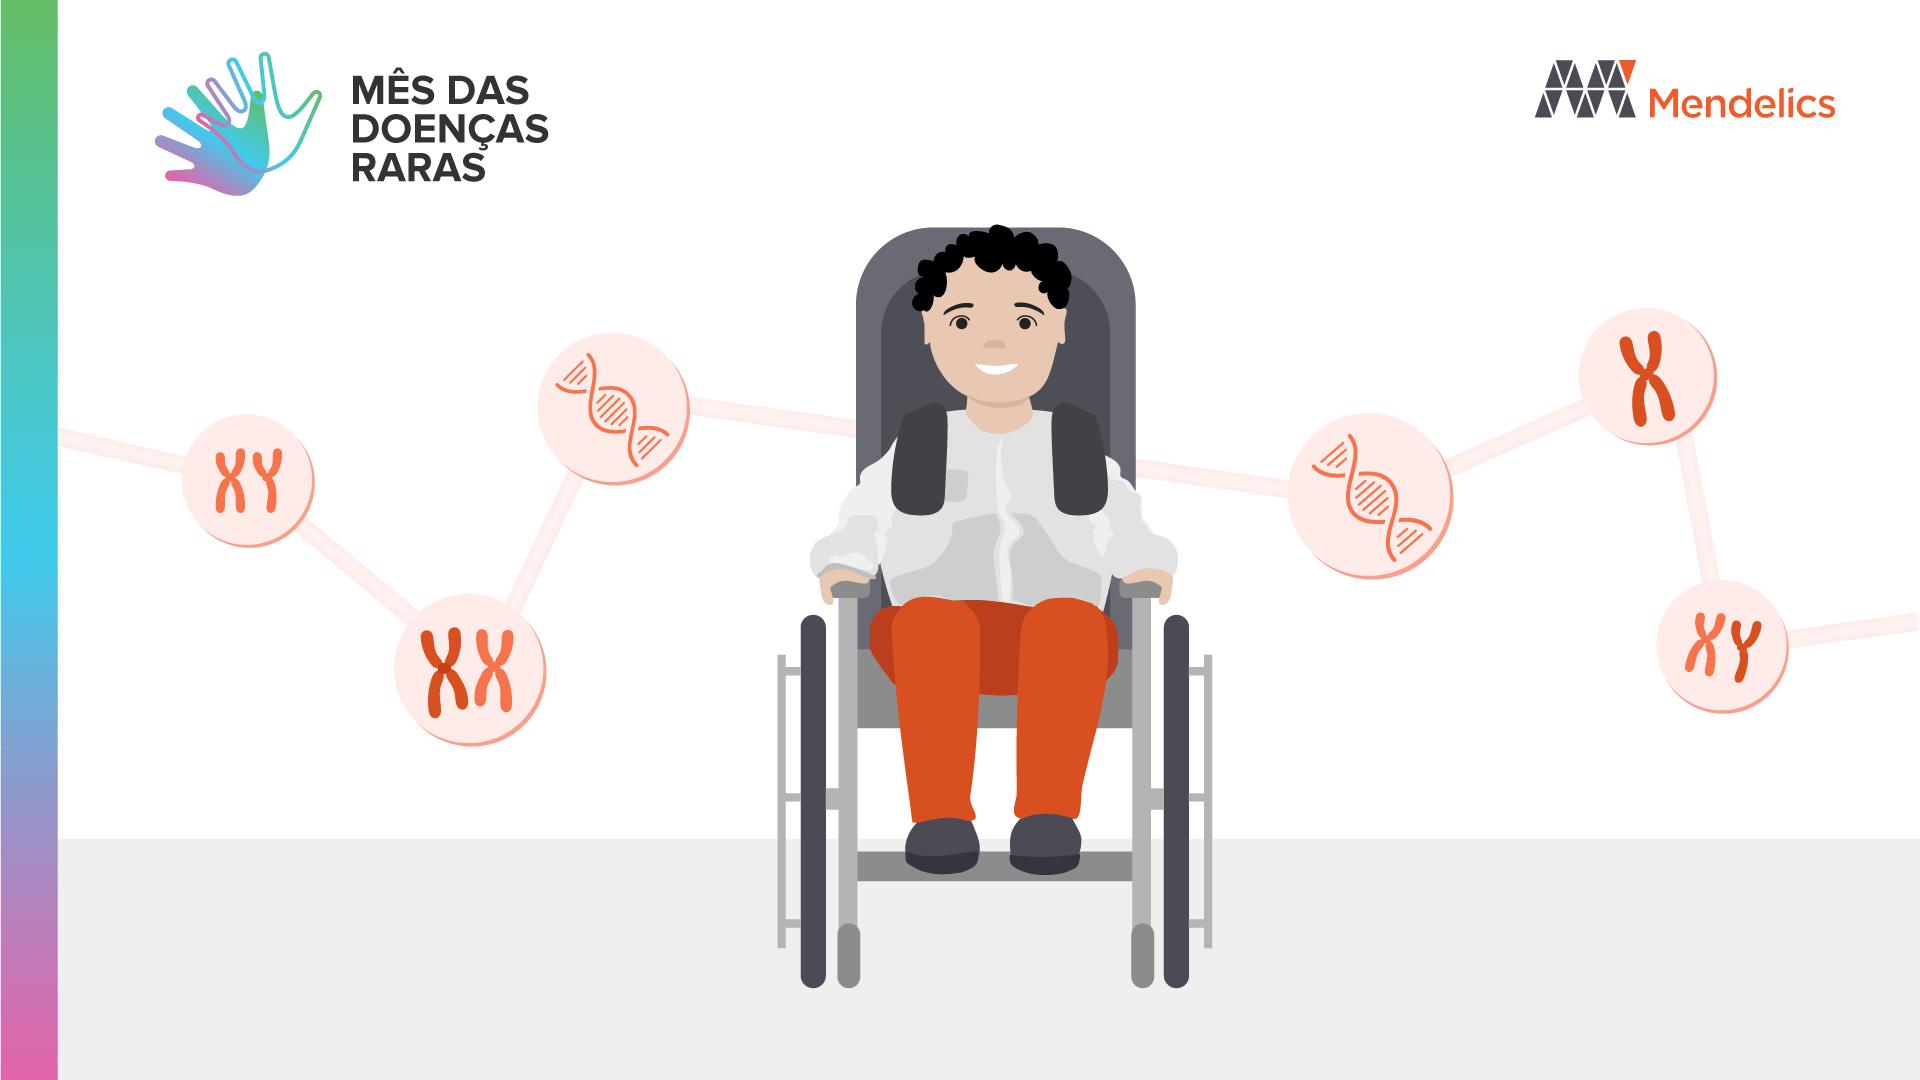 doenças raras o que é, quais as causas, diagnostico genetico de doenças raras